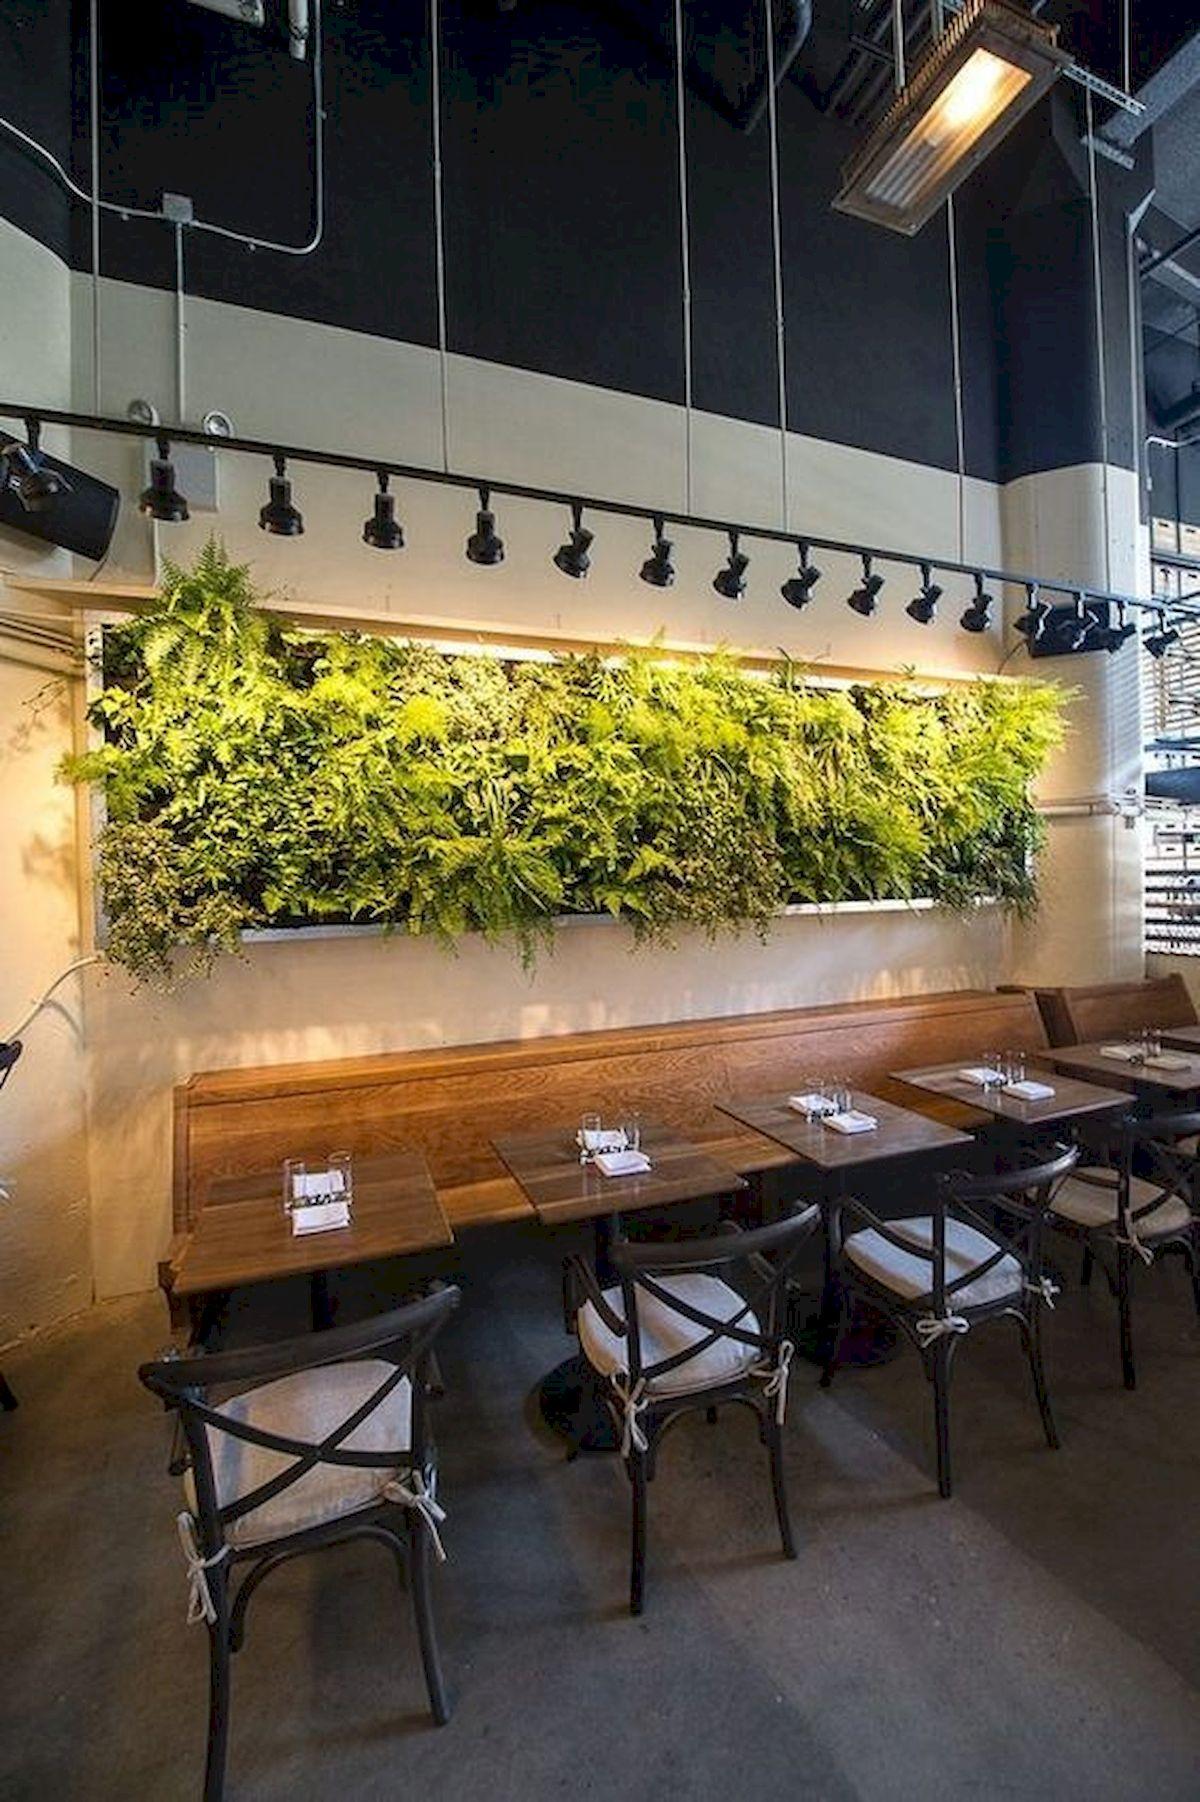 44 Creative DIY Vertical Garden Ideas To Make Your Home Beautiful (27)